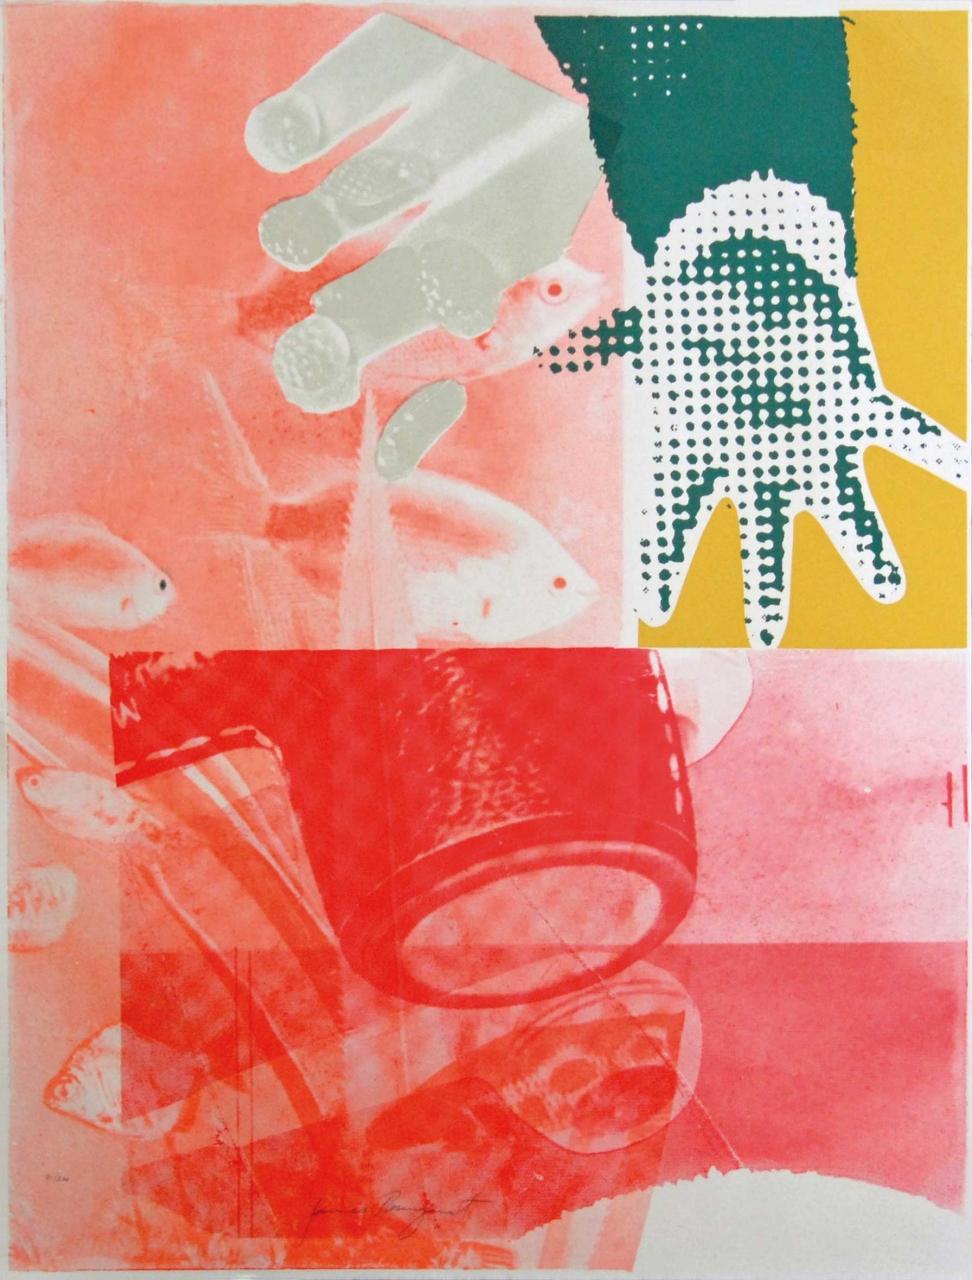 James Rosenquist: For Love